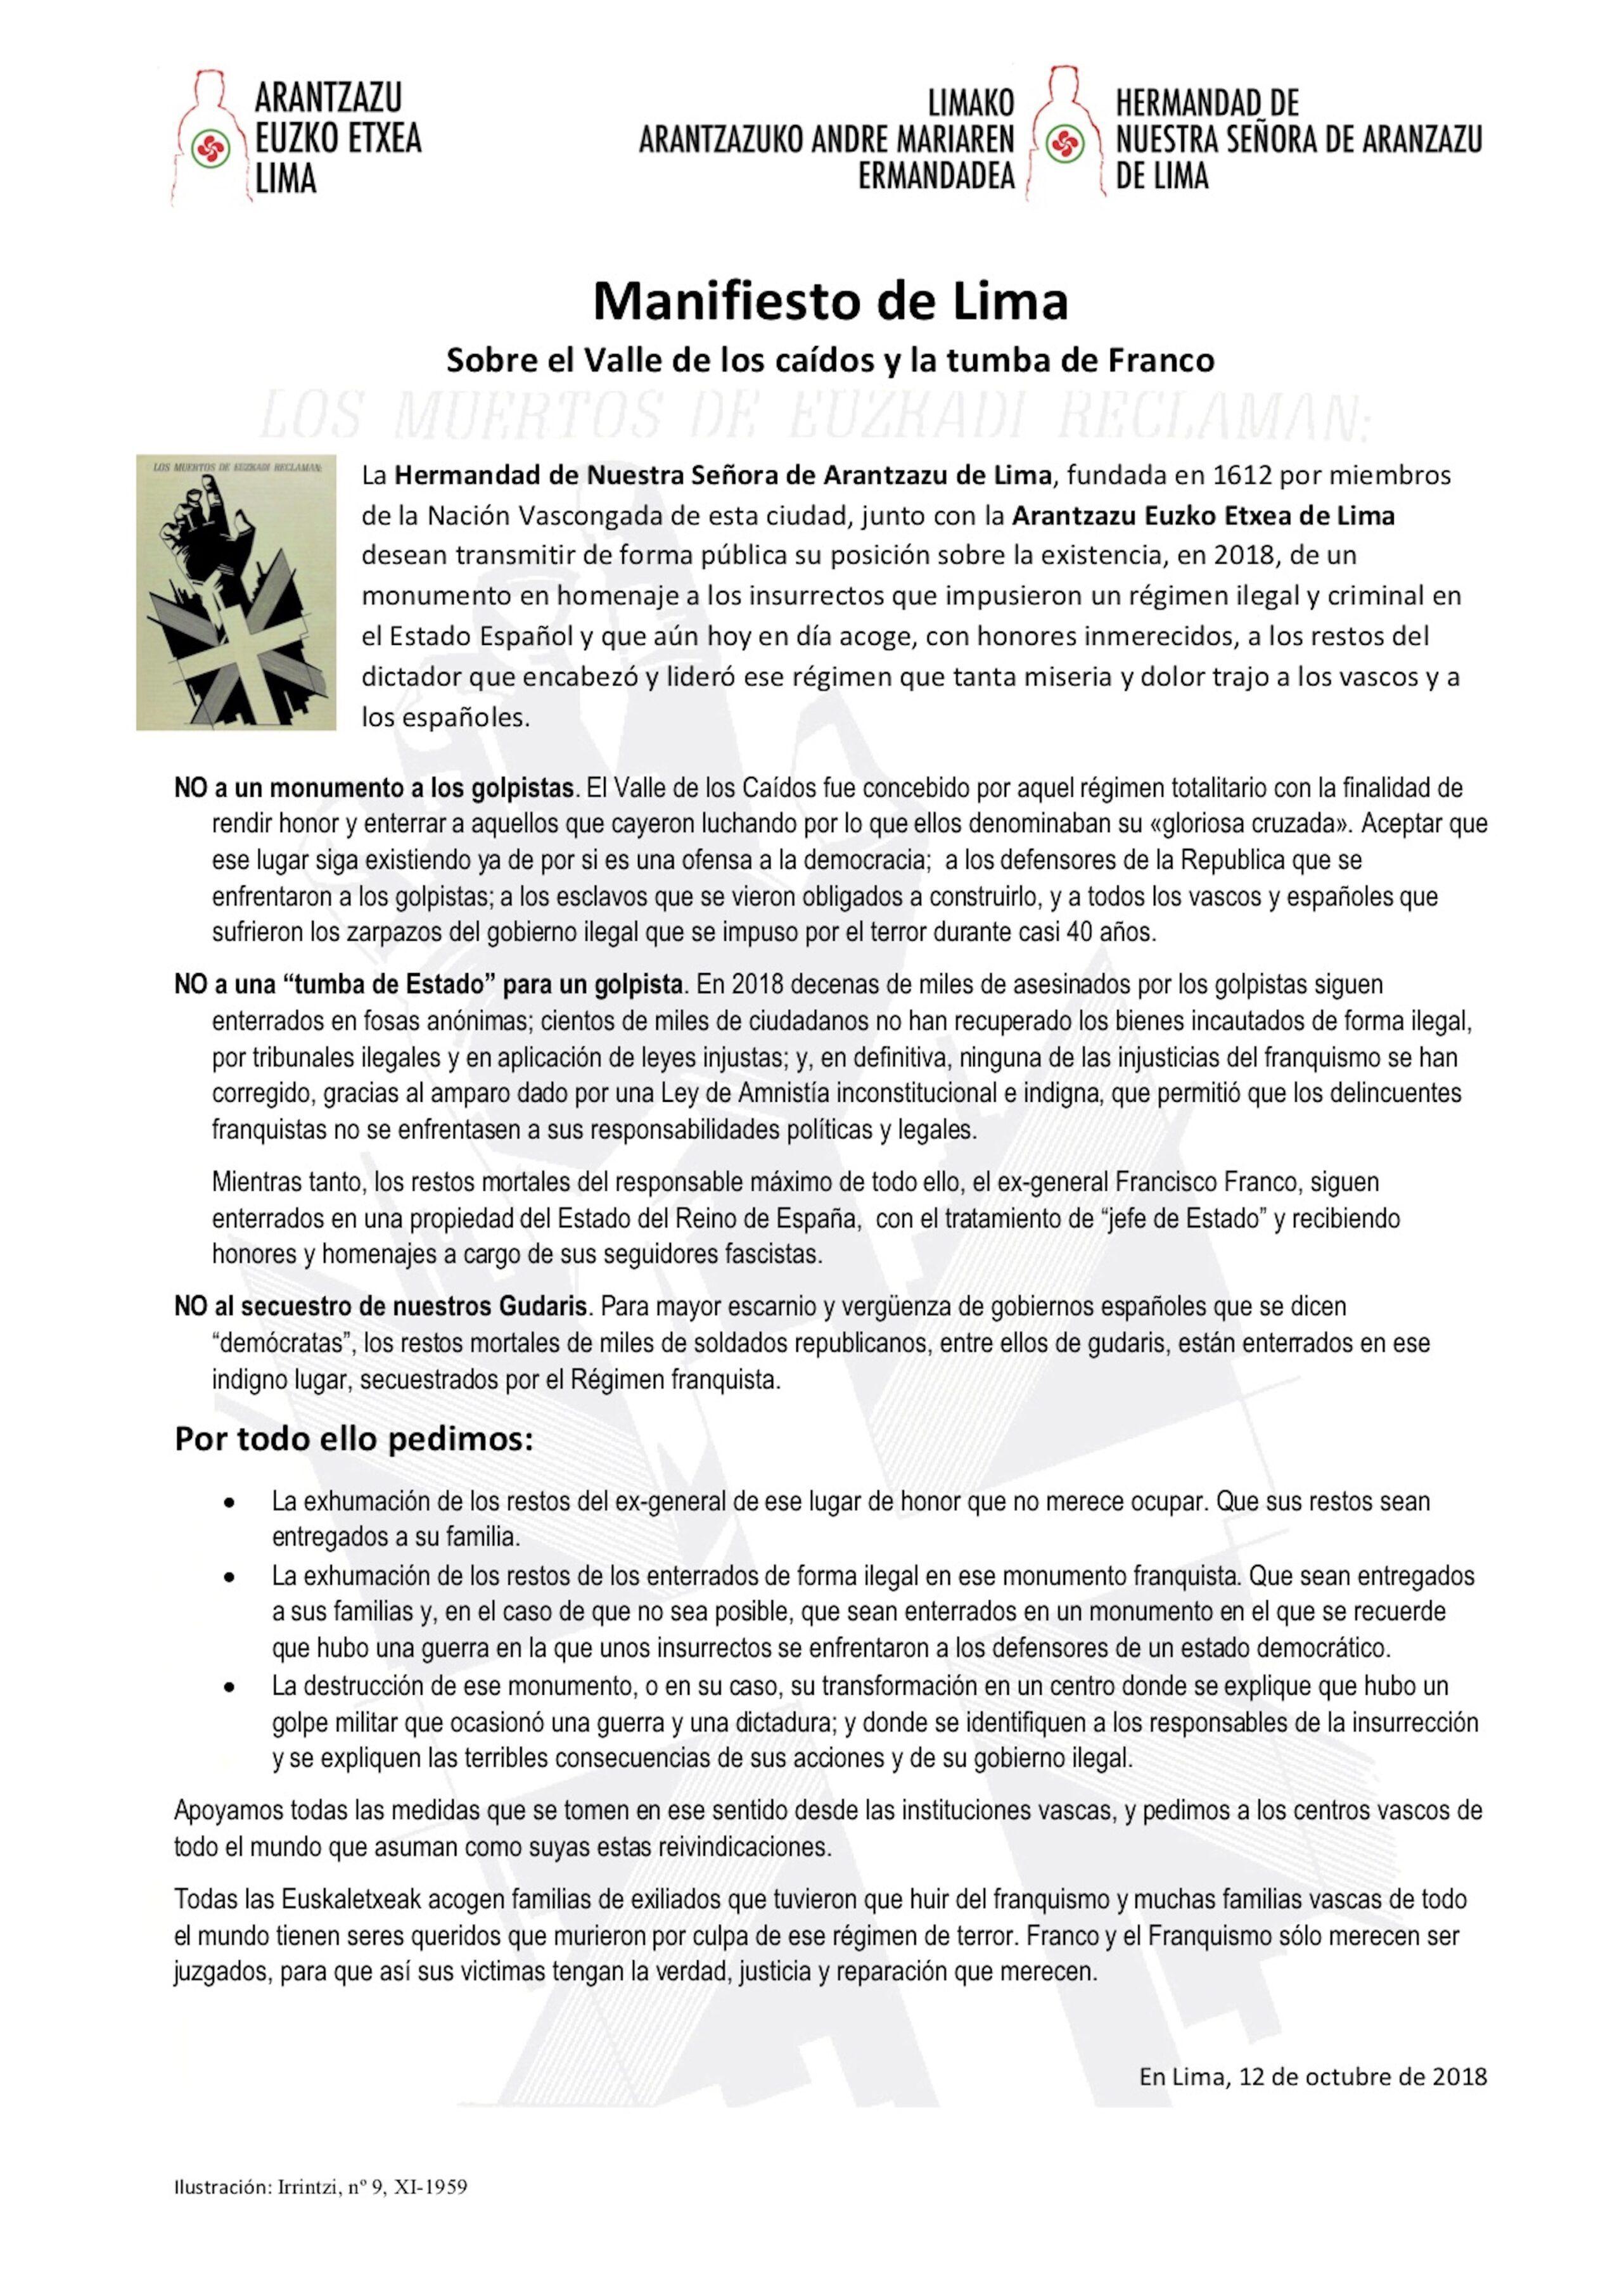 Manifiesto de Lima Sobre el Valle de los caídos y la tumba de Franco